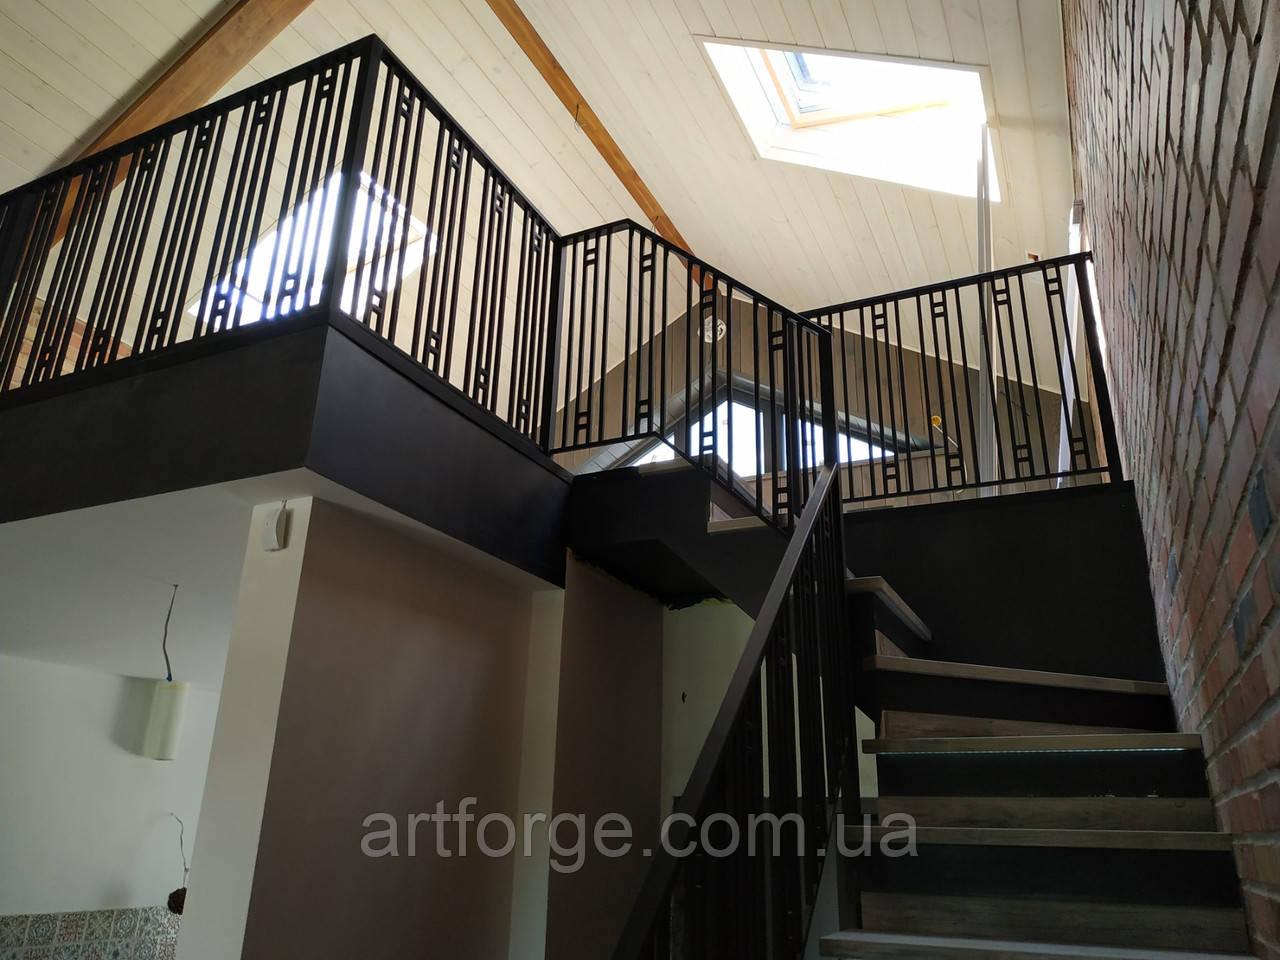 Огородження з металу для тераси, сходи, балкони.